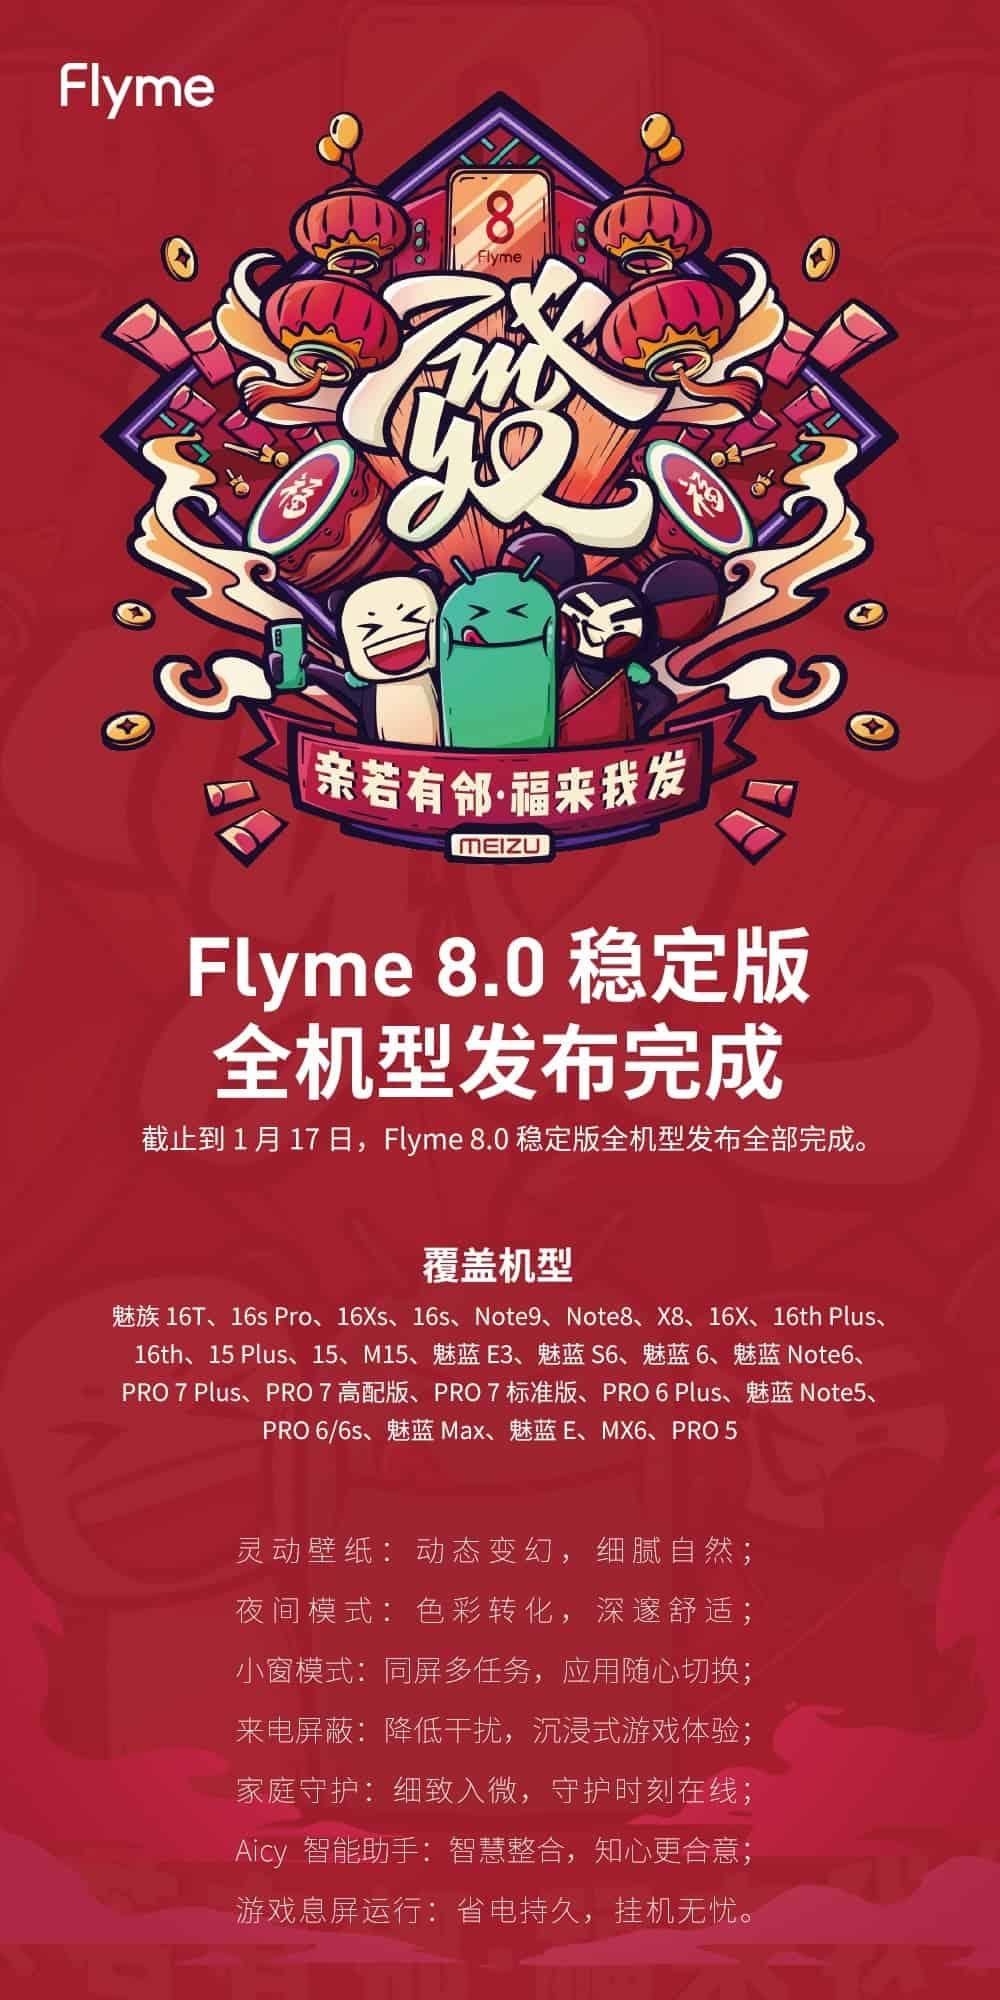 Flyme 8.0